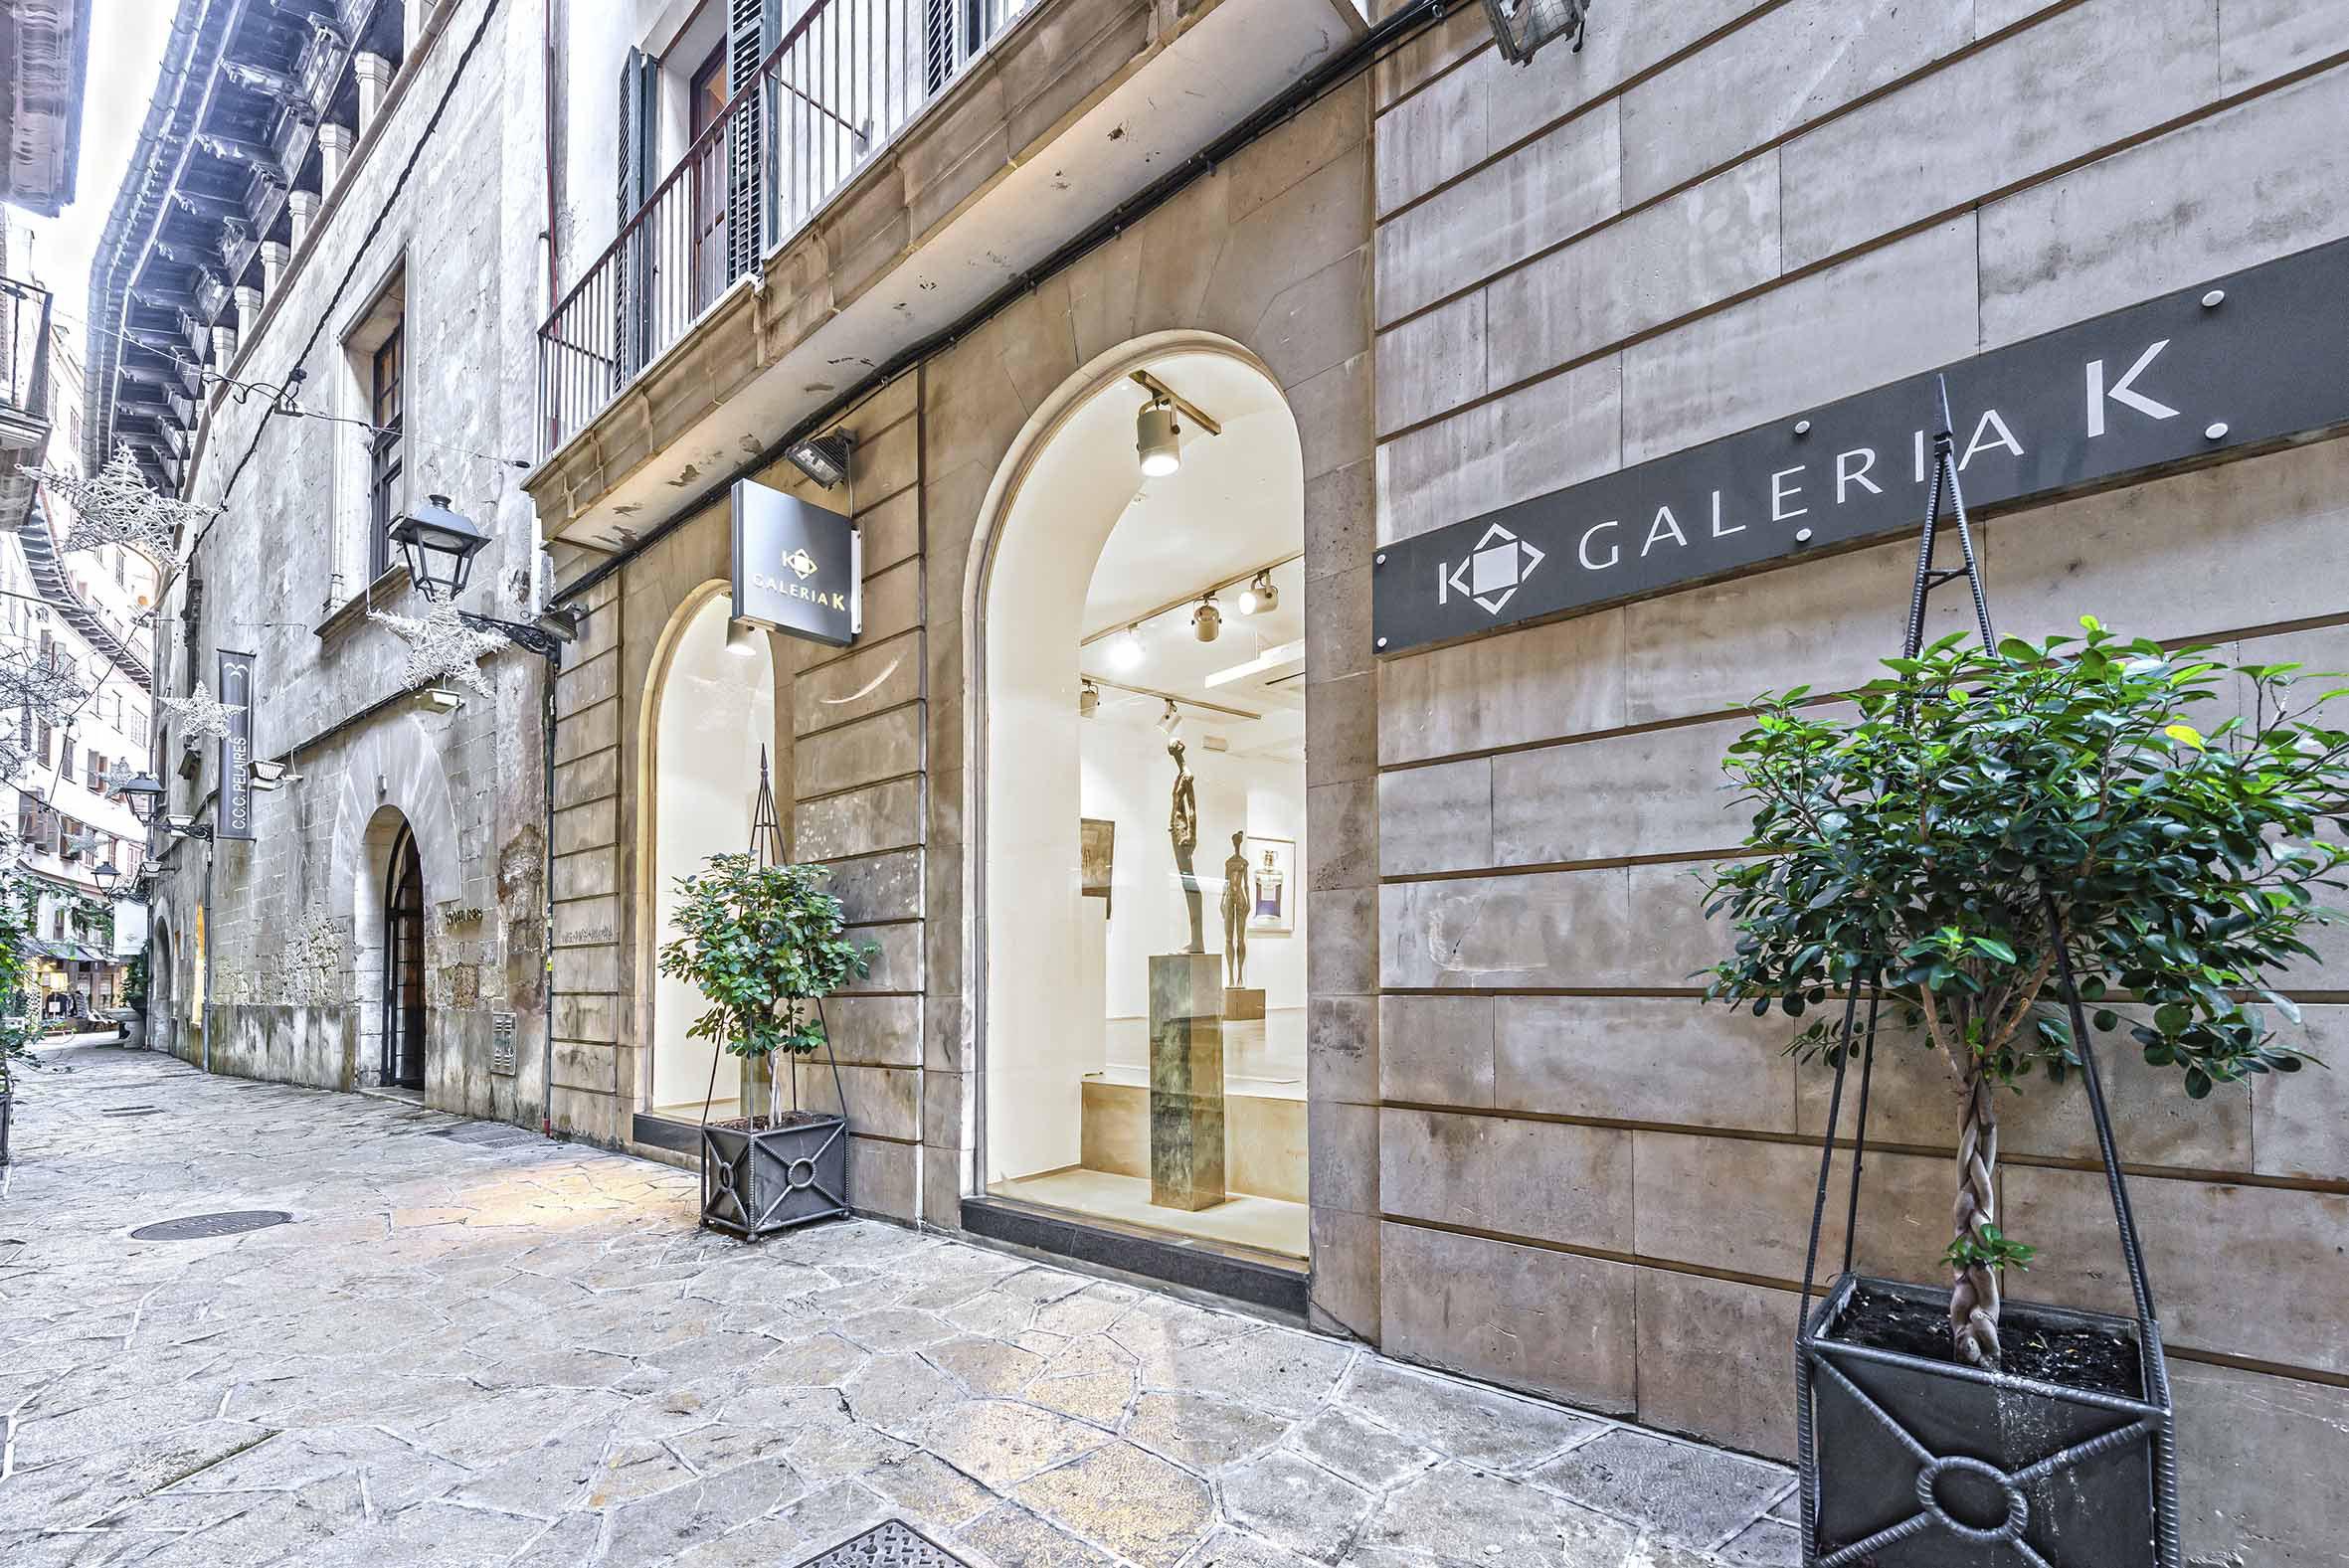 die galeria k ist eine erfrischende galerie fur moderne kunst sie entstand als partnergalerie der deutschen galerie kaschenbach die seit 1950 in trier